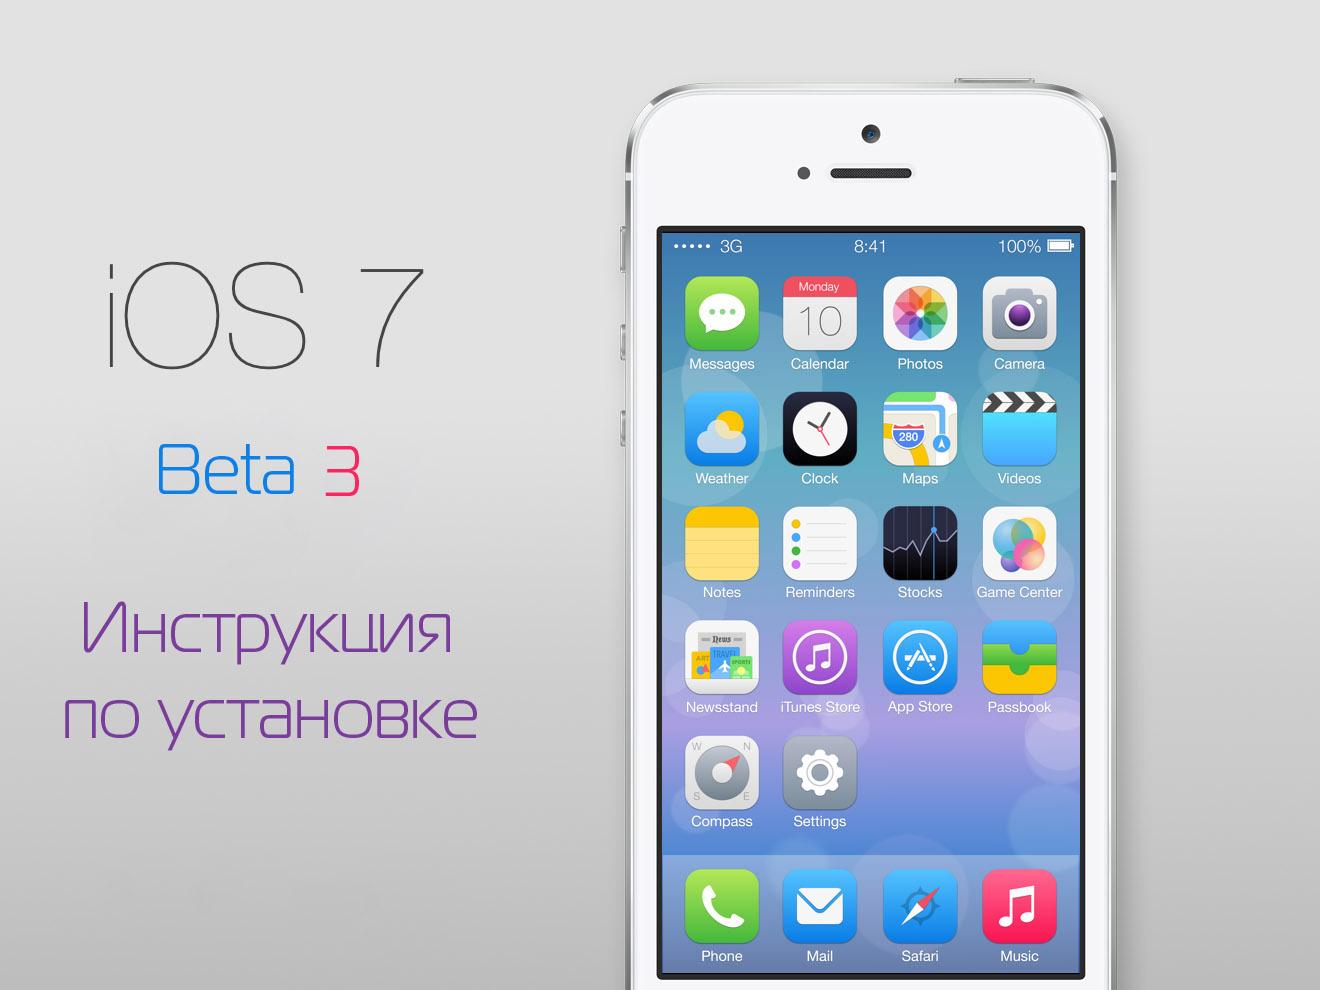 kak_ustanovit_ios7_beta3